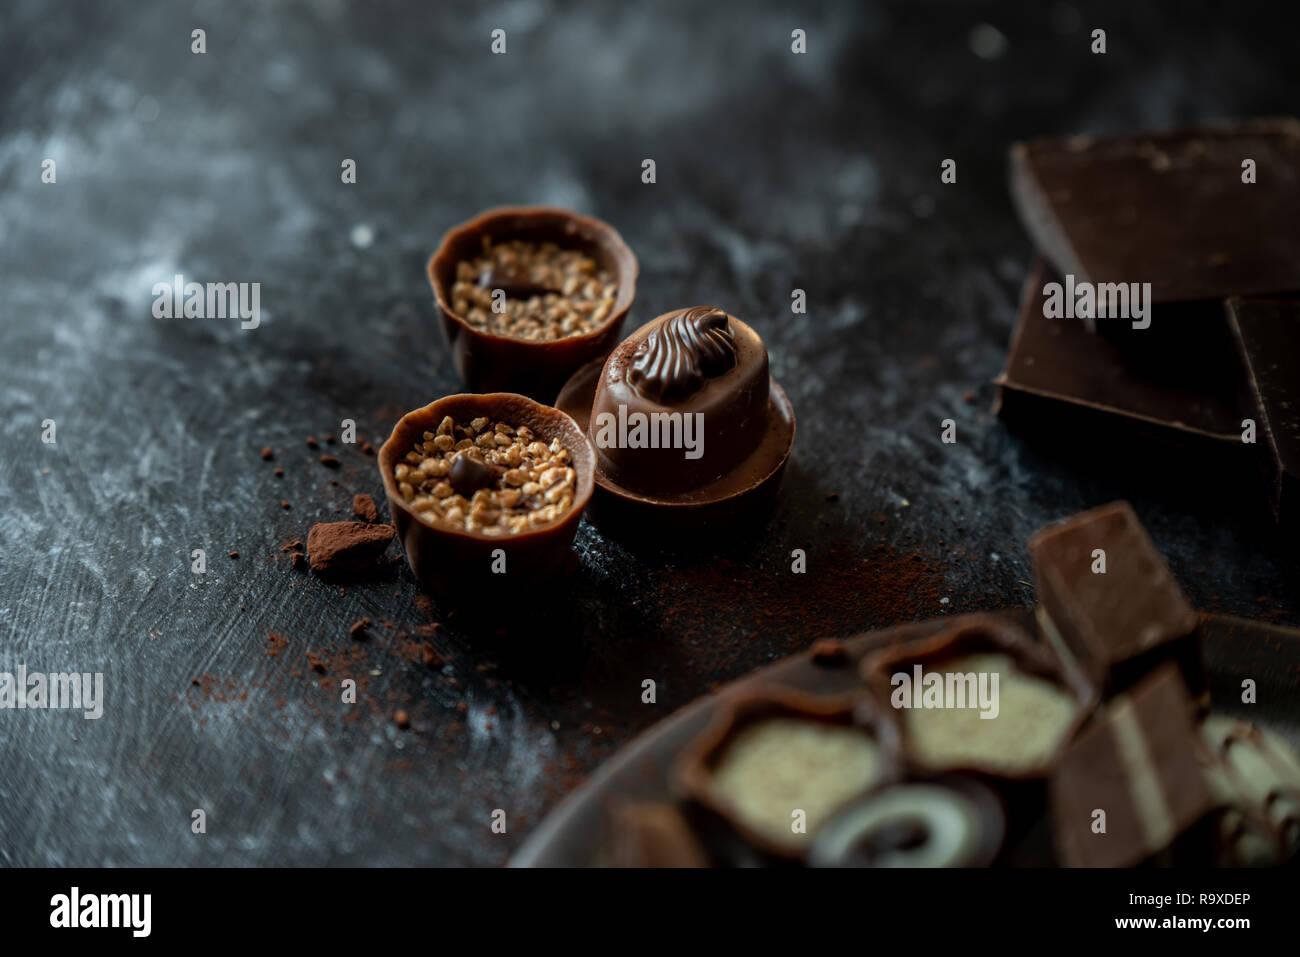 Diversi, dolci praline di cioccolato fondente, al latte e bianco su di un legno scuro dello sfondo Foto Stock